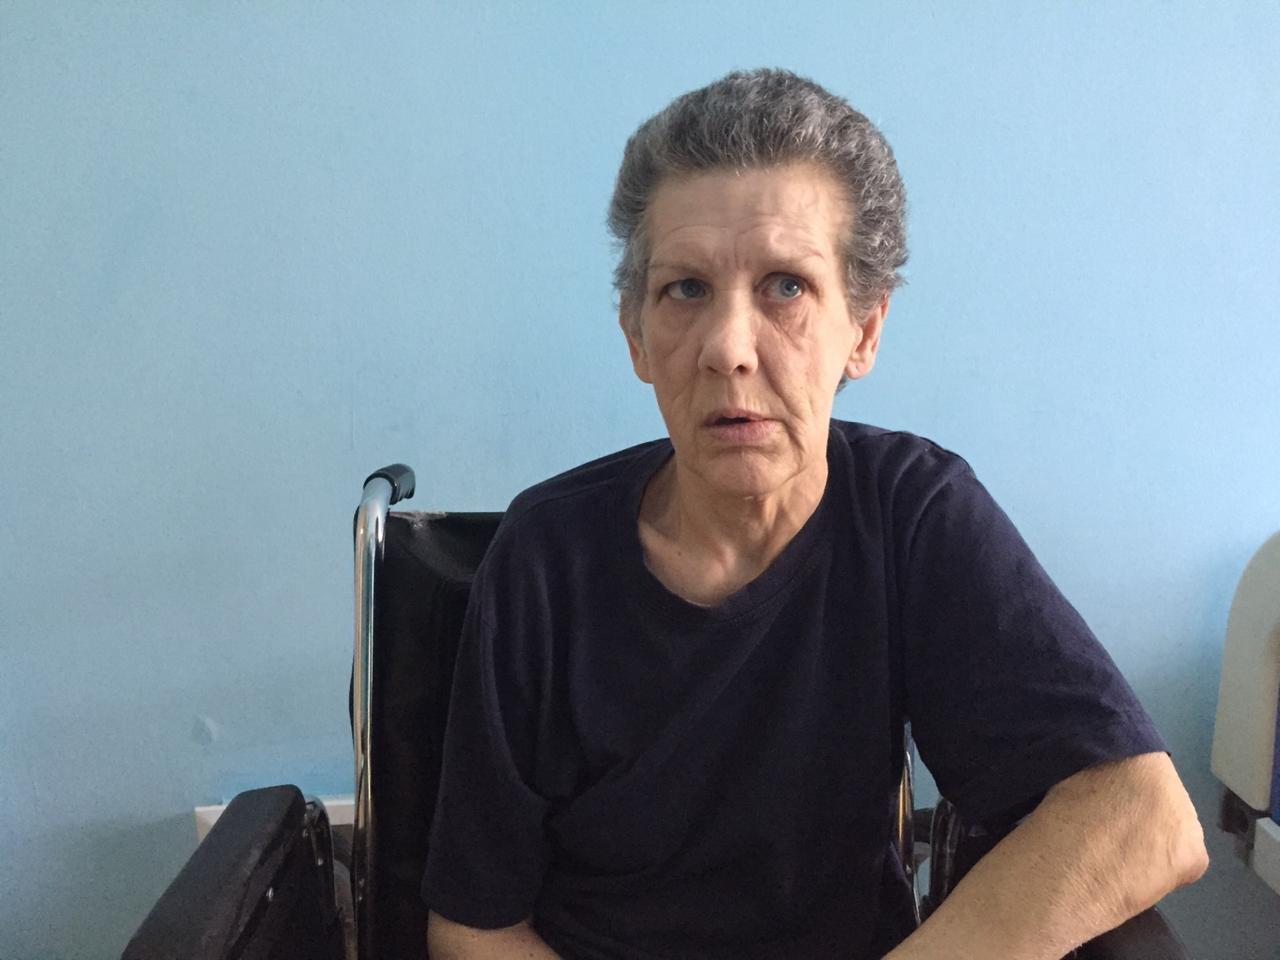 Врачи ищут родственников потерявшей память пожилой пациентки в Алматы, фото-1